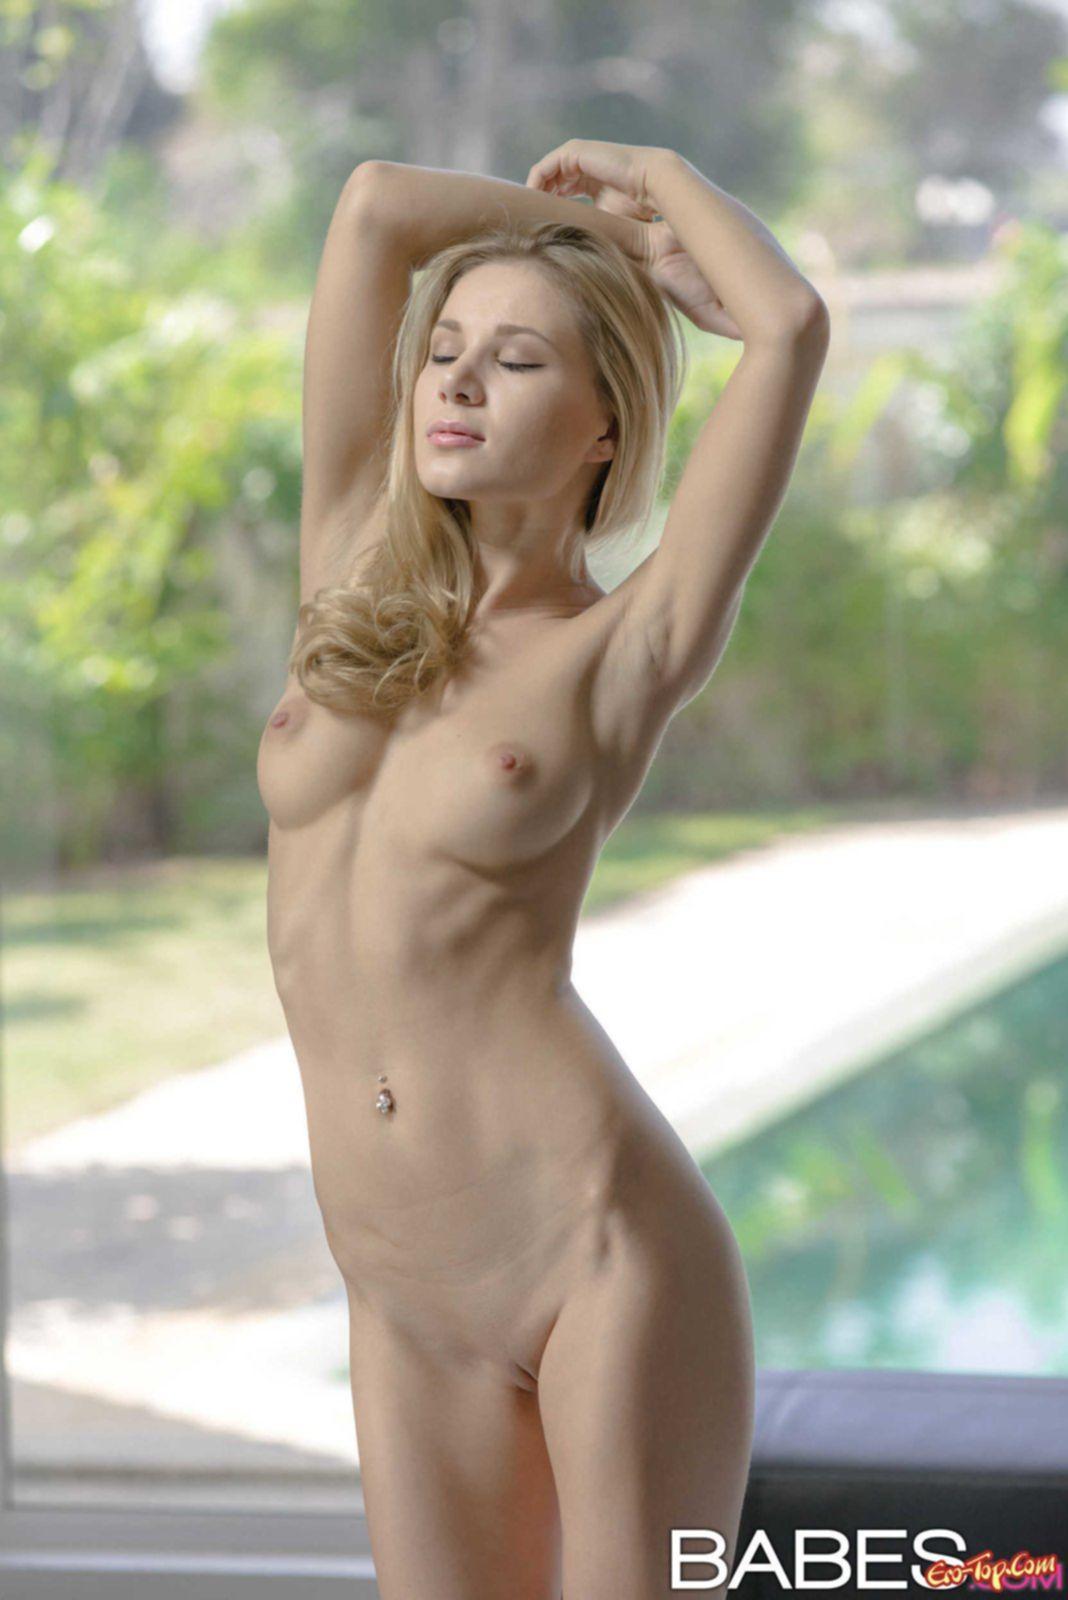 Стройная голая блондинка с красивым телом. Фото Darina Litvinova.